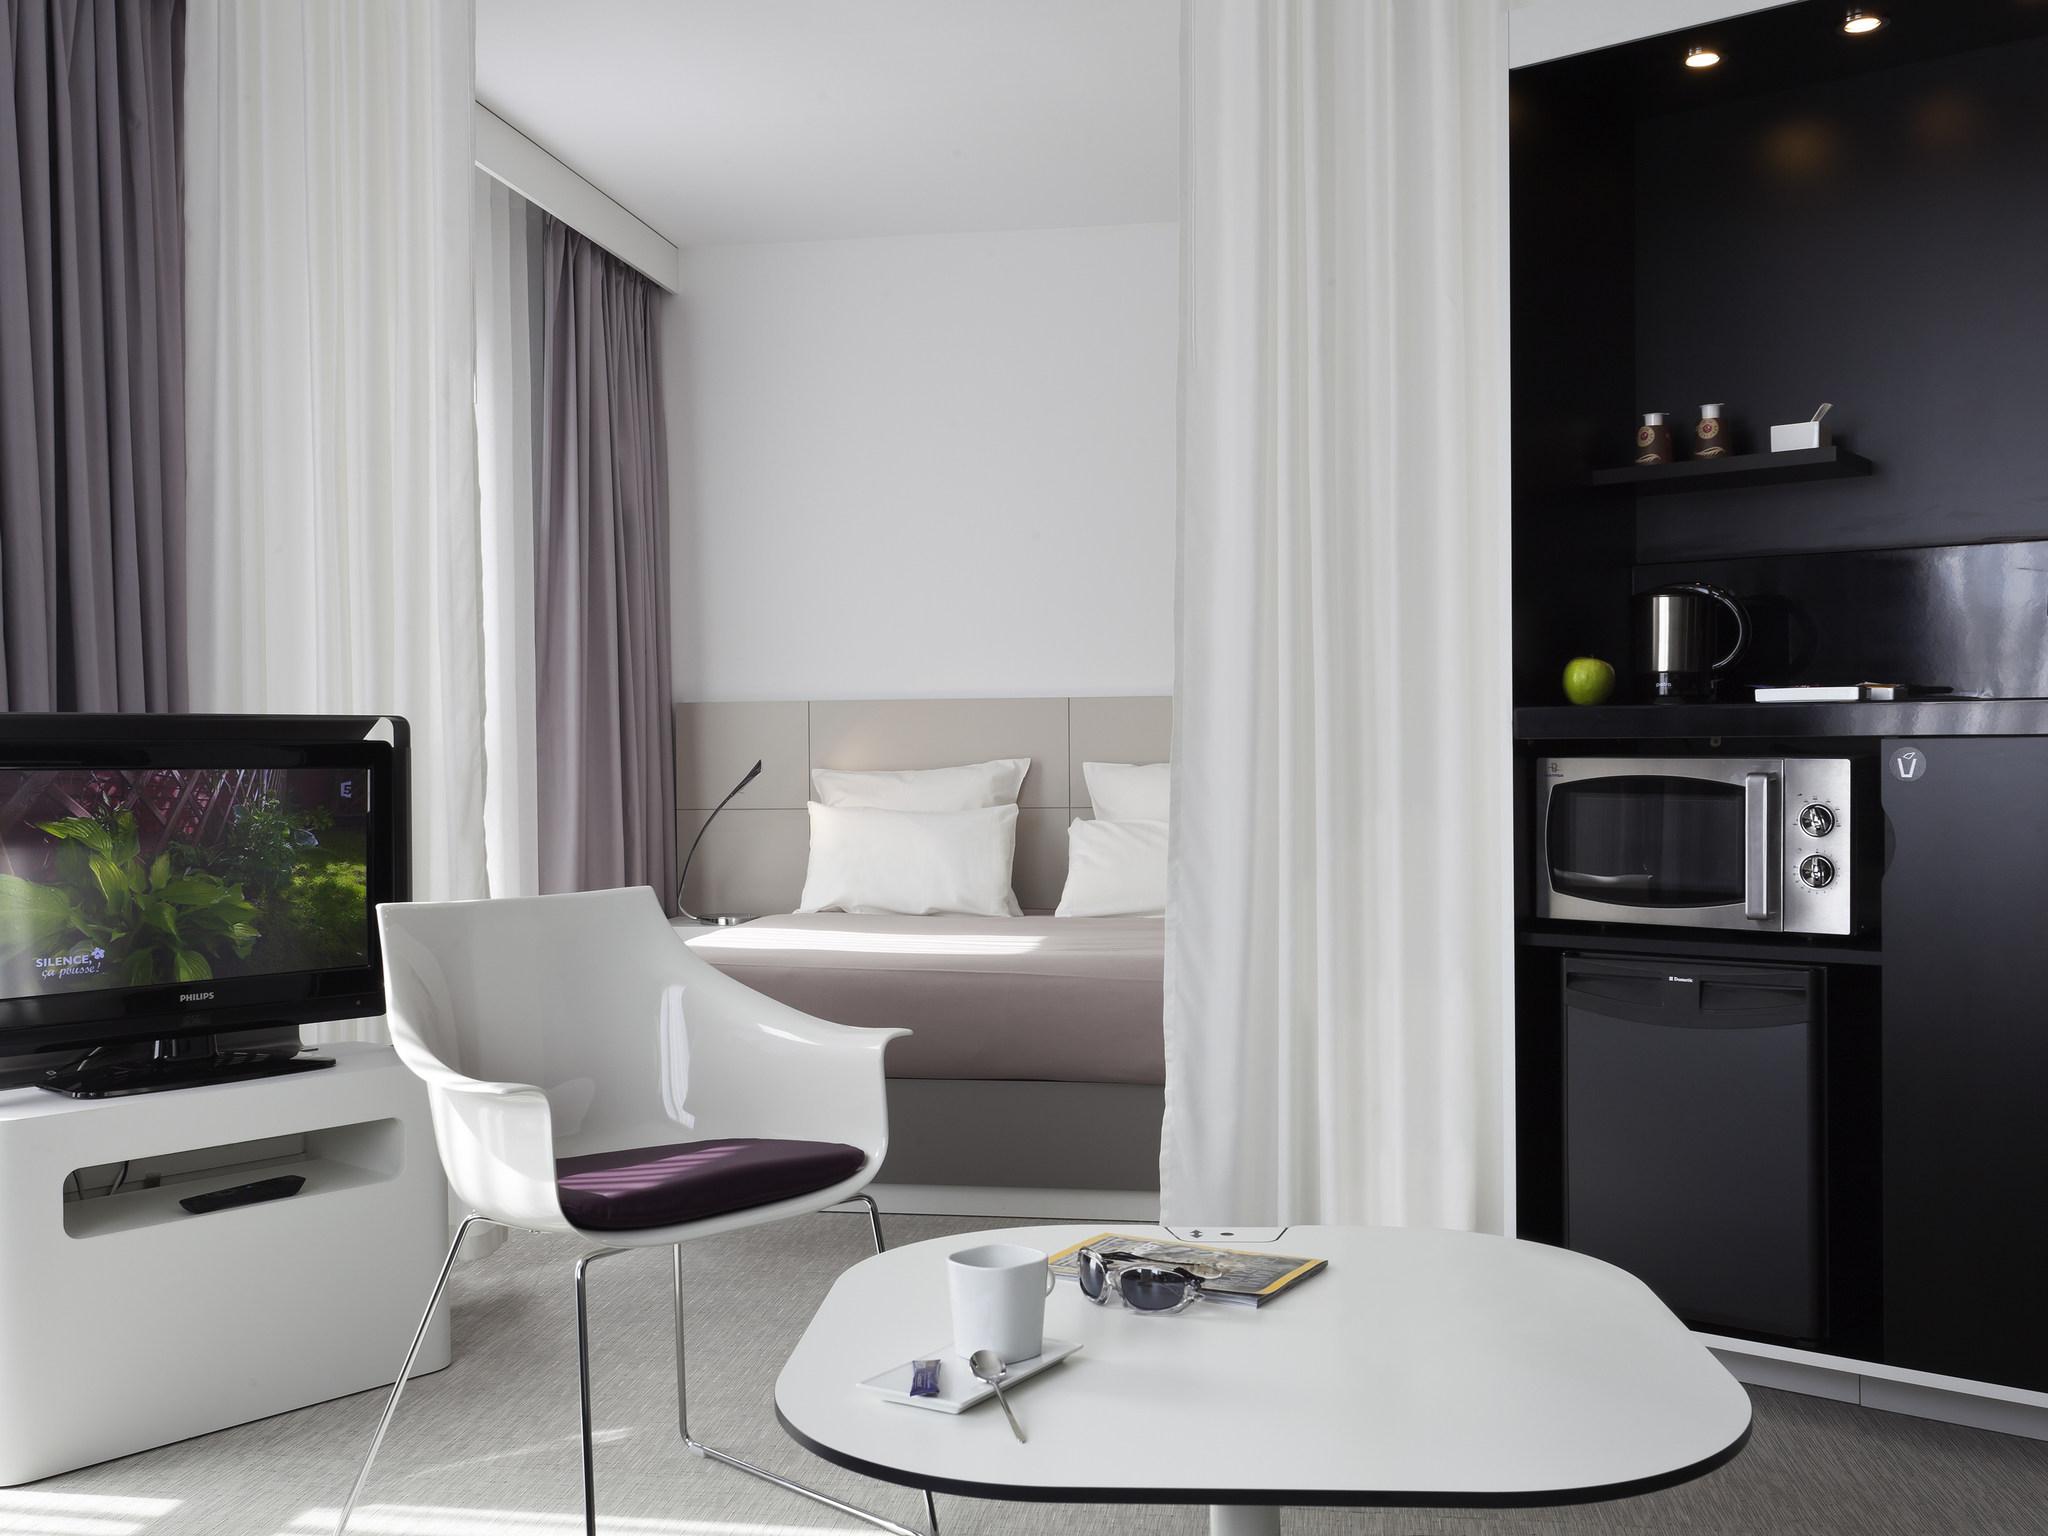 酒店 – 巴黎伊西莱穆利诺诺富特套房酒店